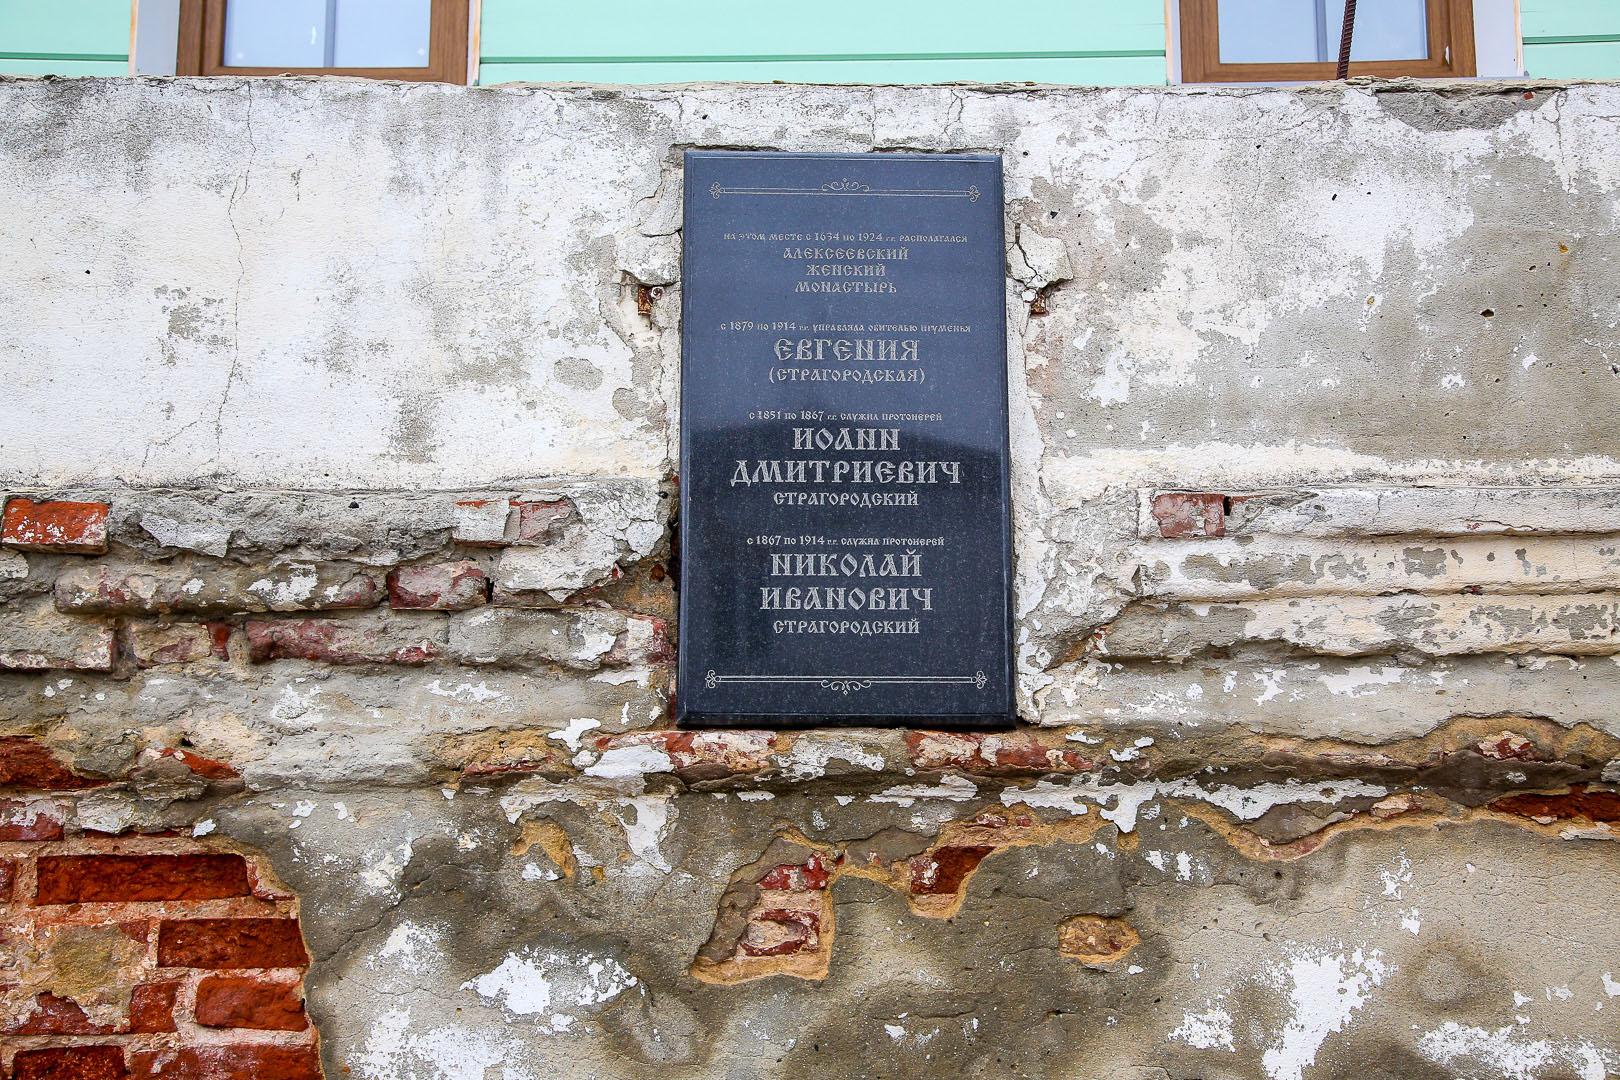 Митрополит Георгий посетил возрождаемые монастыри Арзамаса